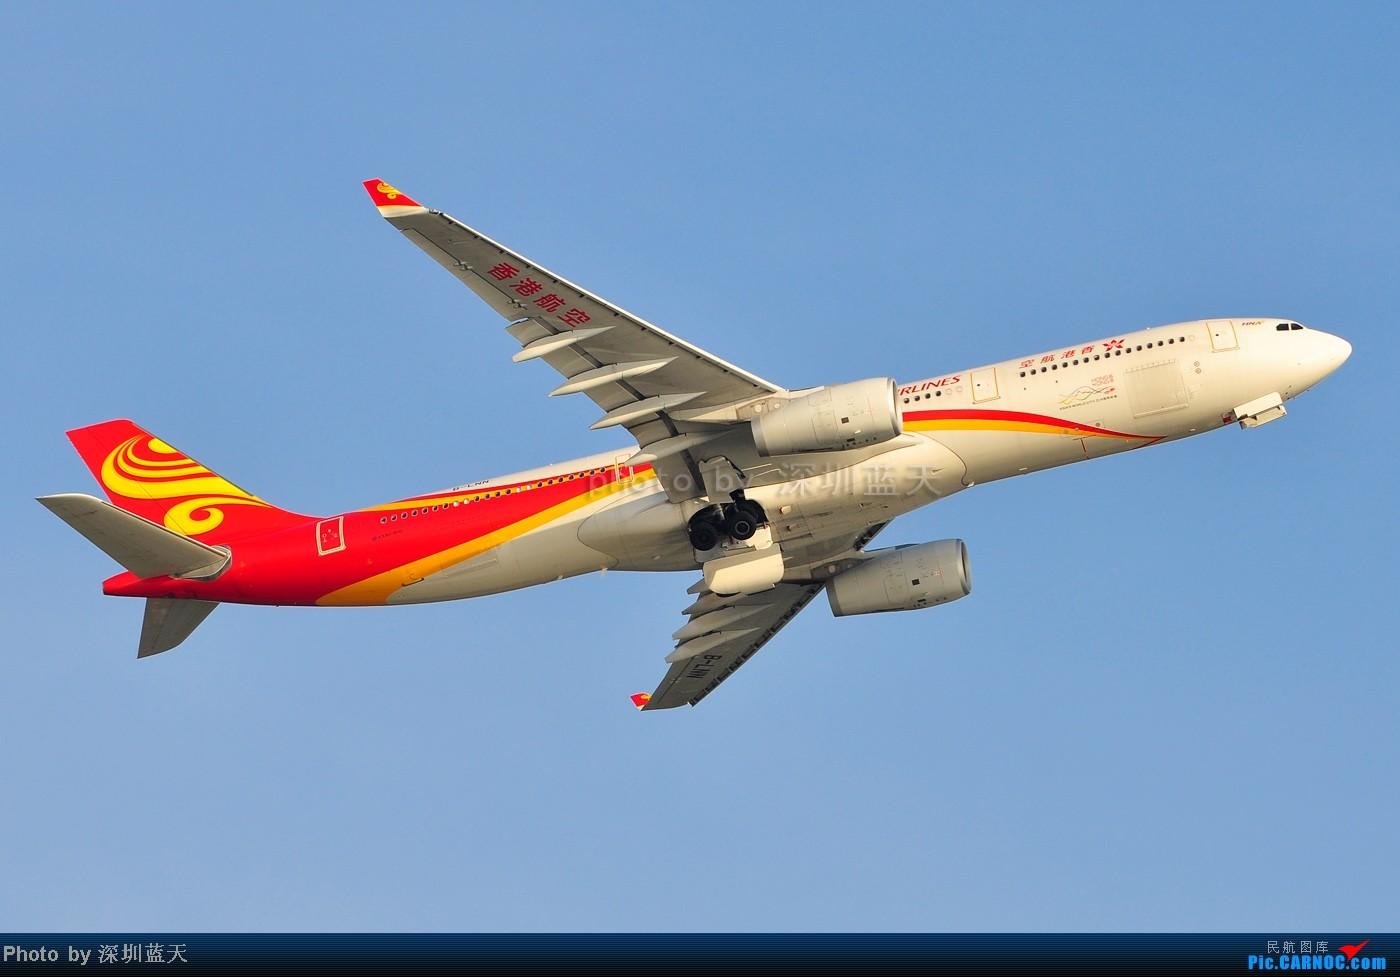 Re:[原创]【深圳飞友会】香港飞机维修区海堤起飞新拍—泰航A380斐济A330新装等 AIRBUS A330-343X B-LNN 中国香港赤鱲角国际机场